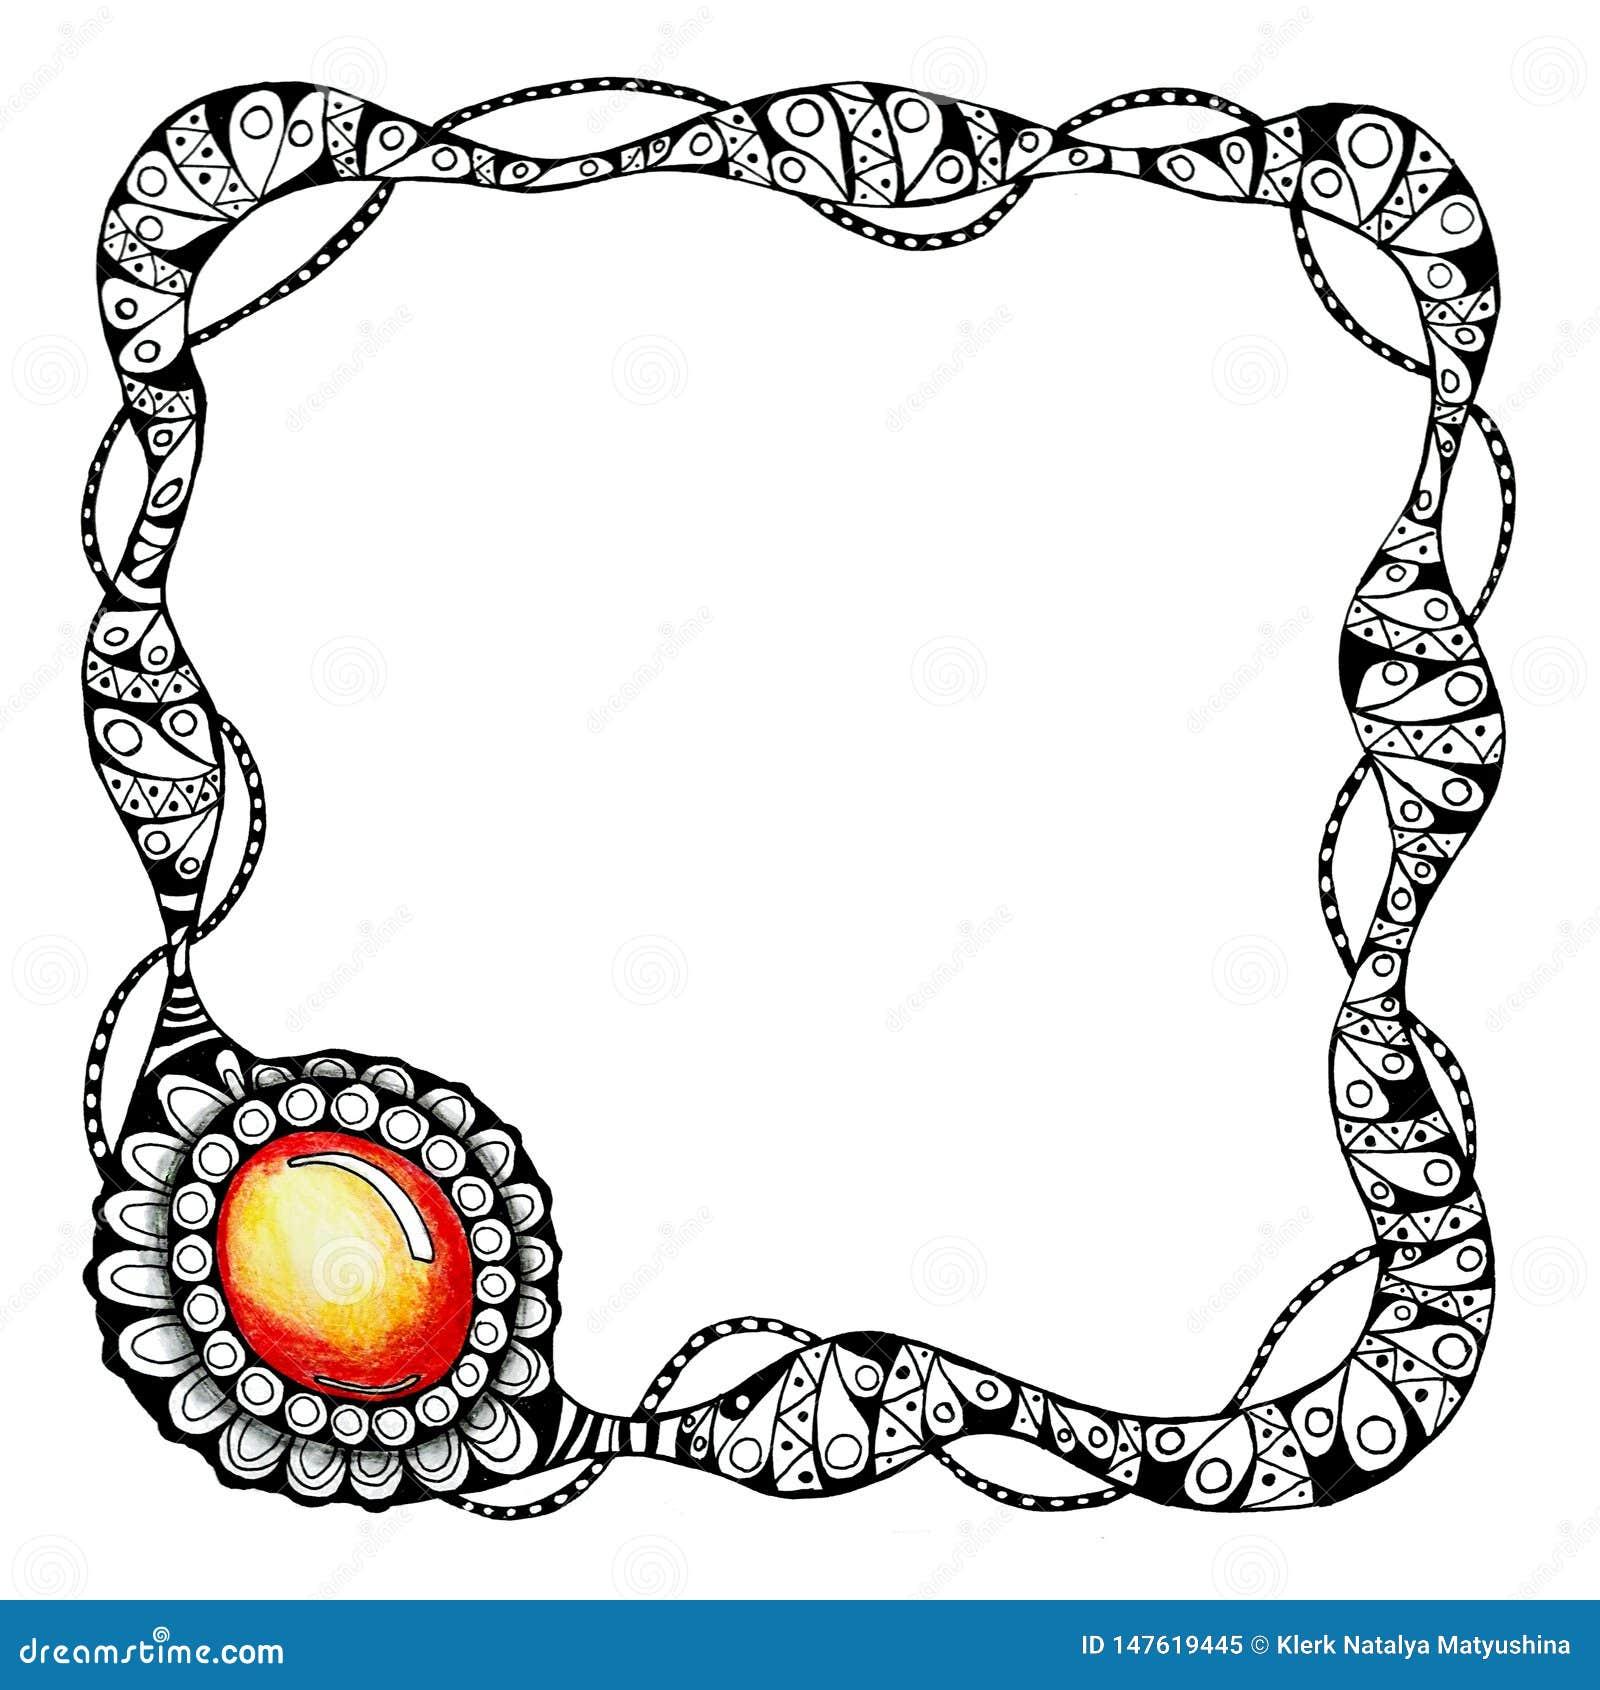 Cap?tulo en t?cnica gr?fica con la imagen de una pulsera y de una piedra preciosa Para el dise?o del fondo, plantillas